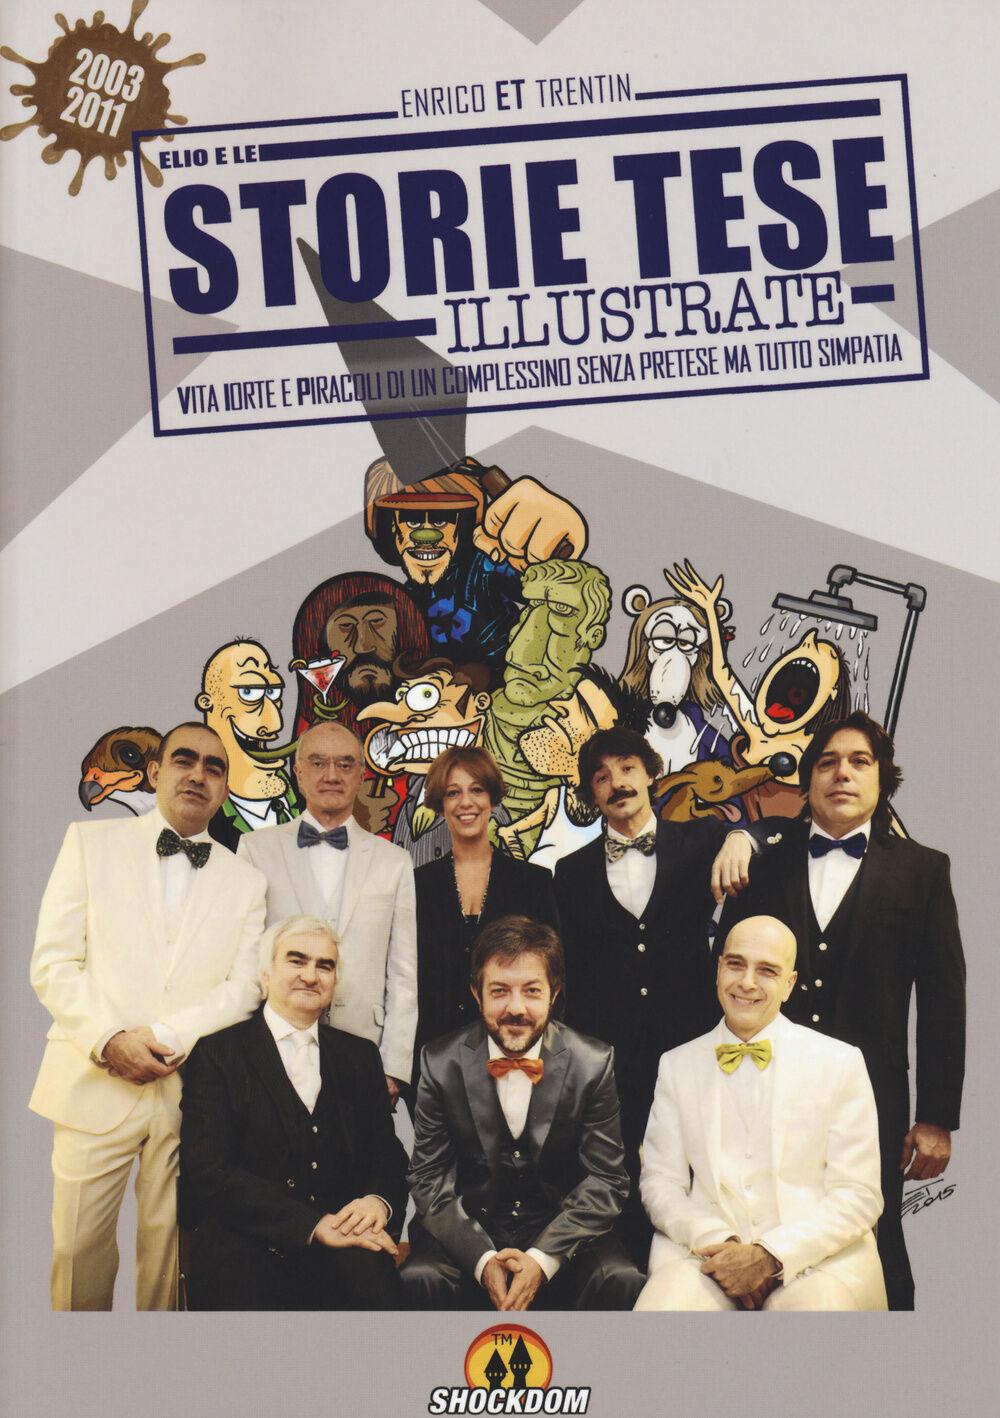 Storie Tese illustrate. (2003-2011)